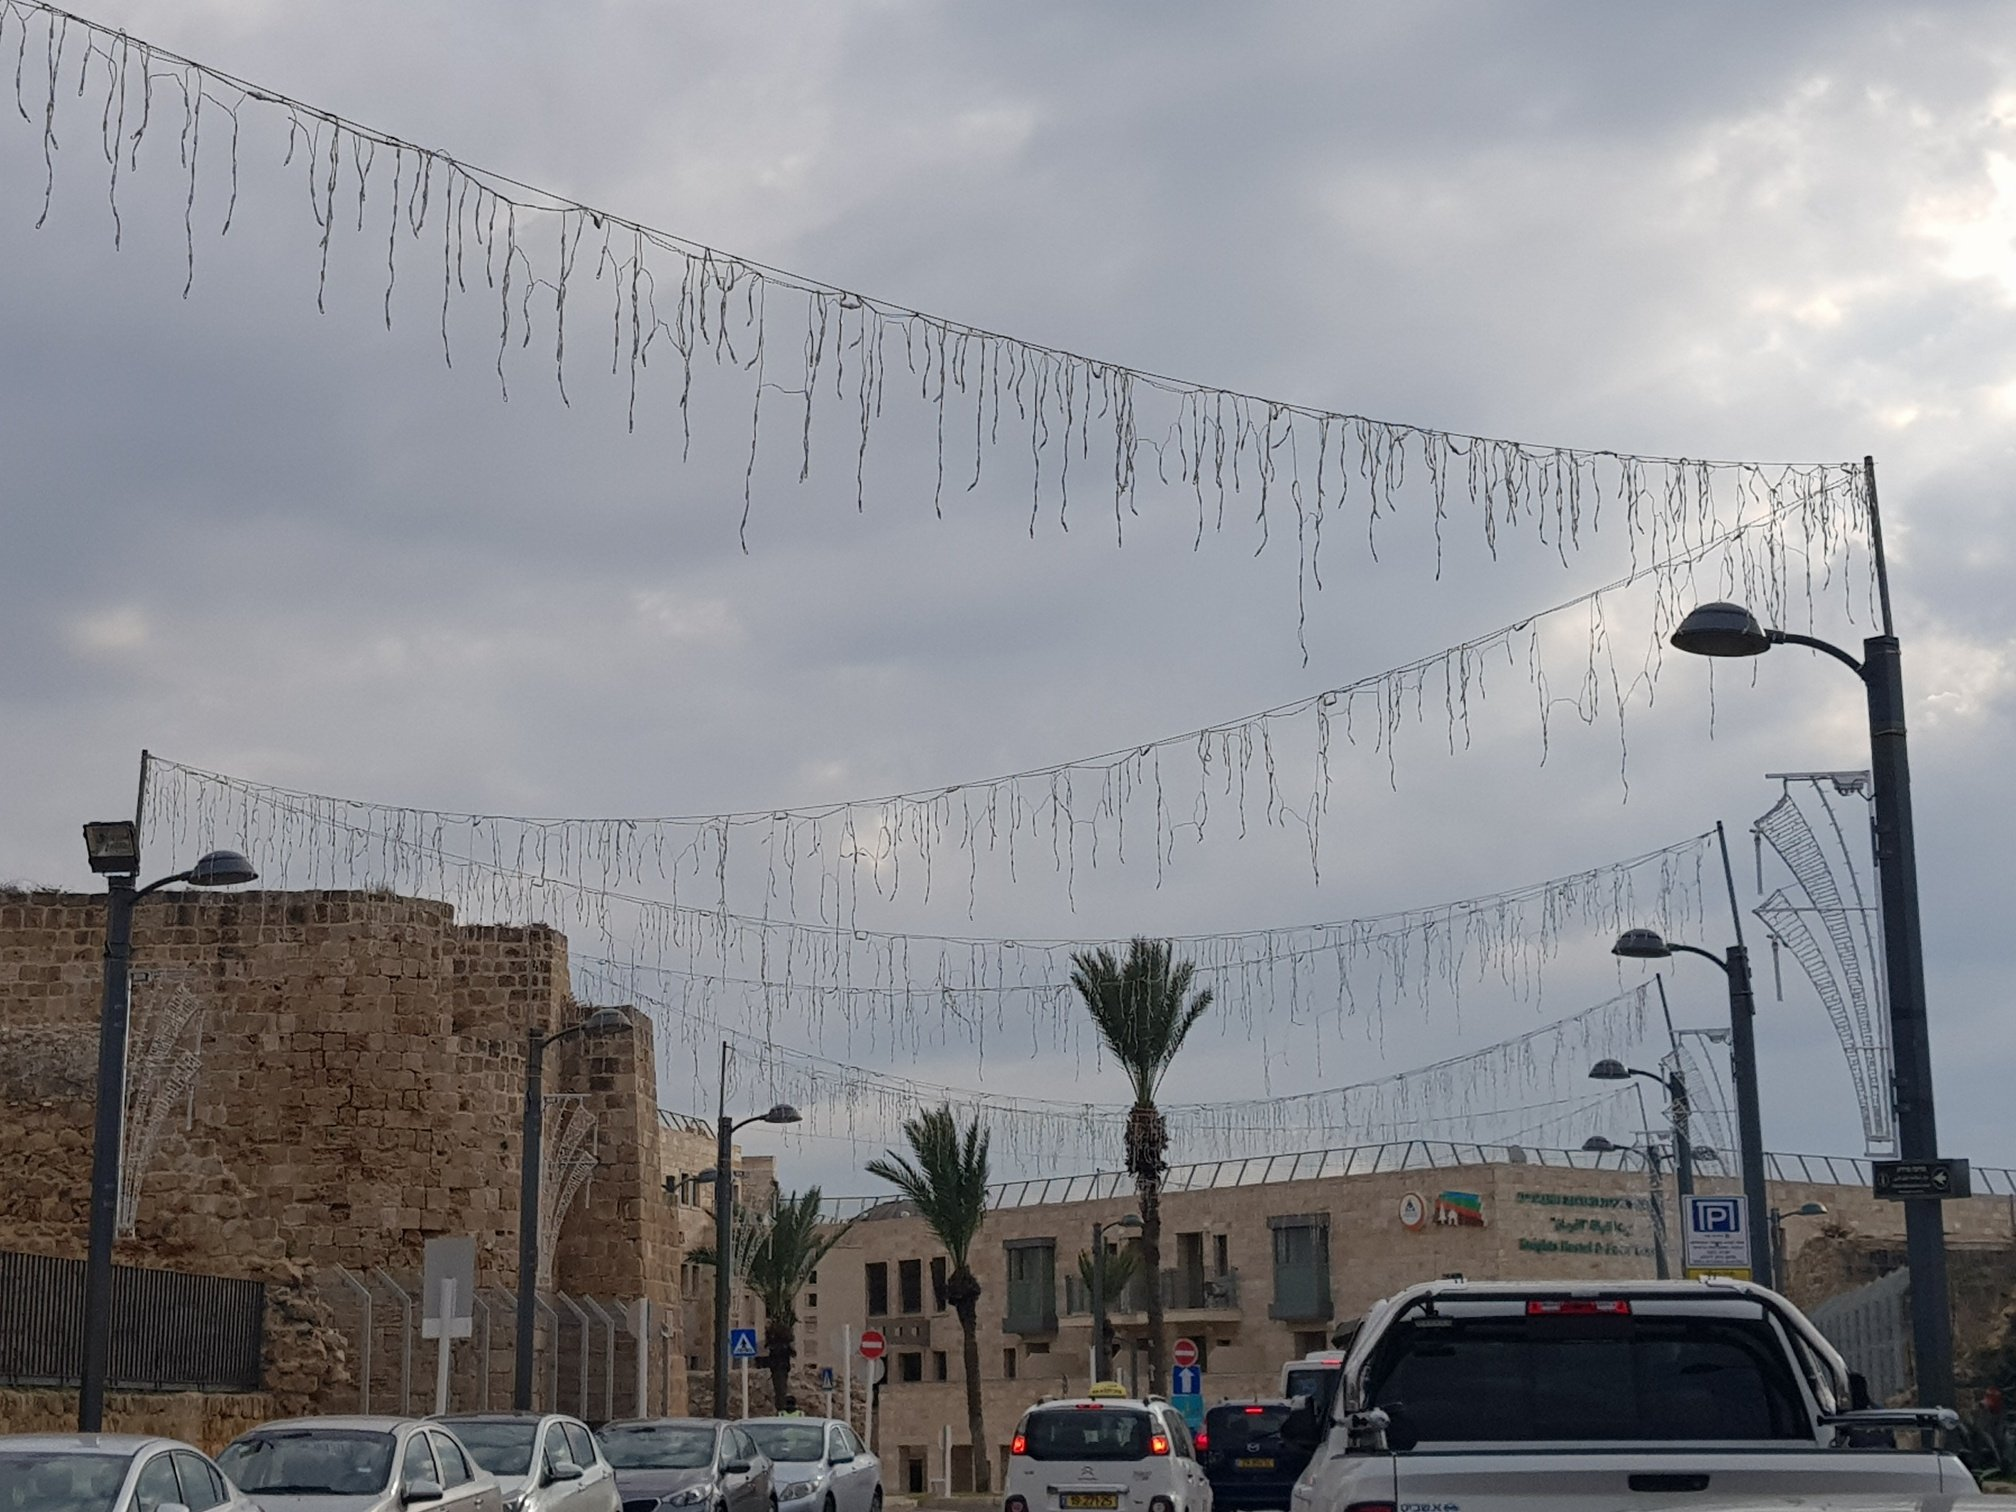 بلدية عكا تقوم بتزيين شارع صلاح الدين بالإضاءة الليلية الجذابة